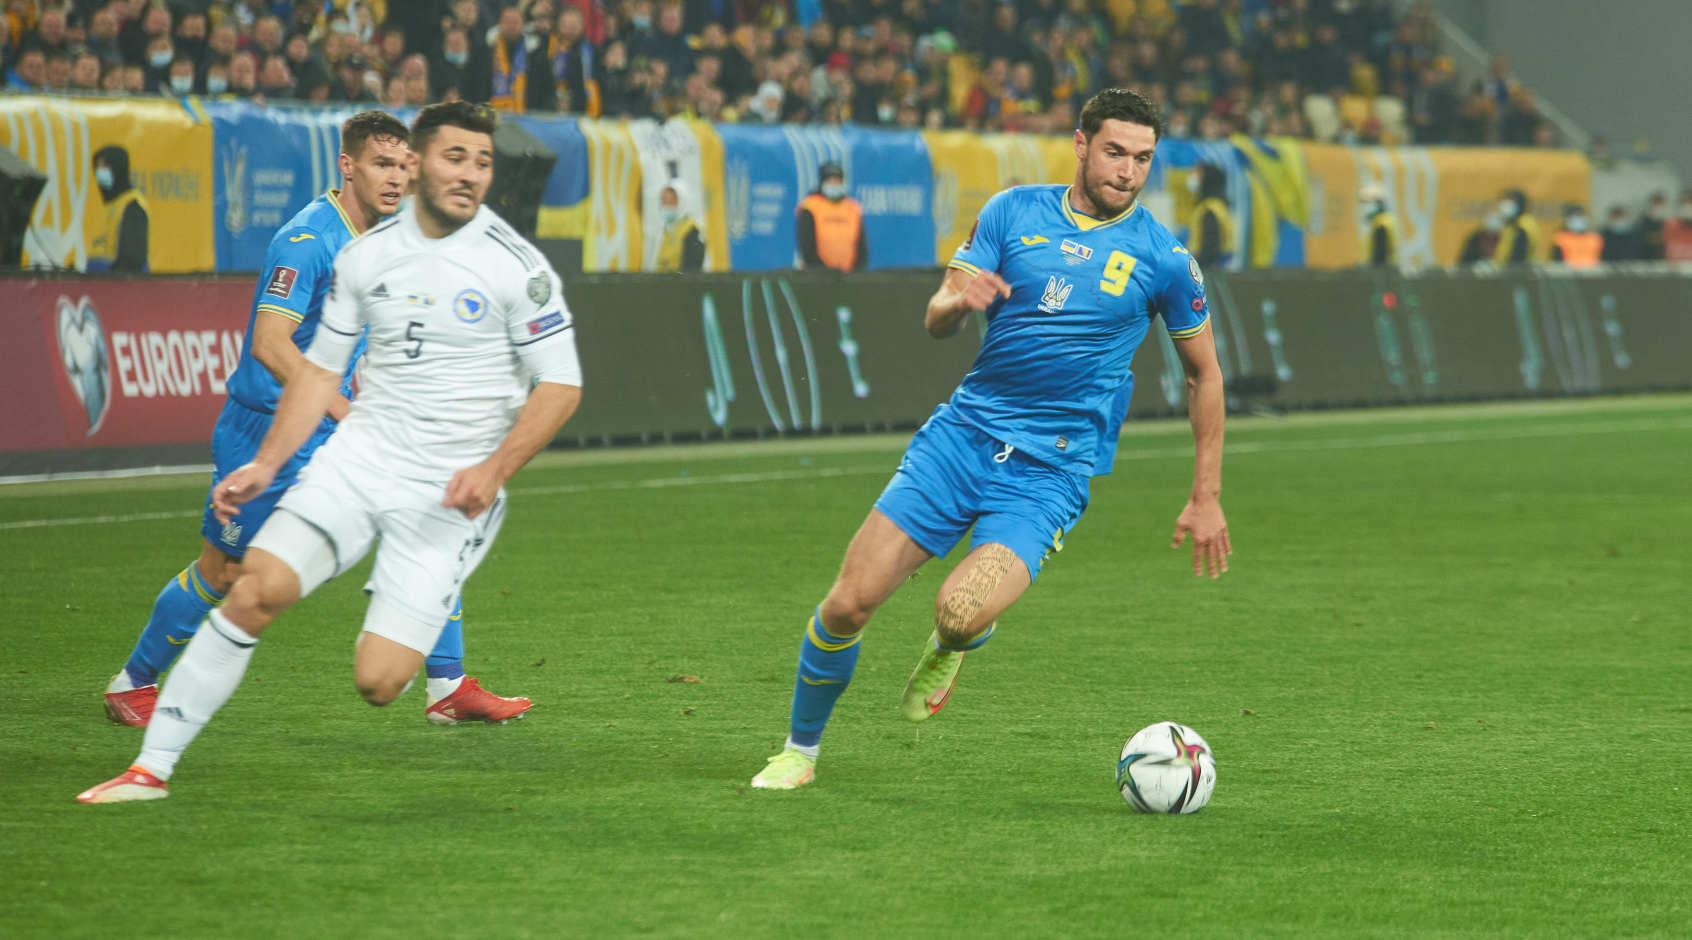 Украина - Босния: Яремчук ни разу не пробил по воротам, активность Матвиенко и Тымчика